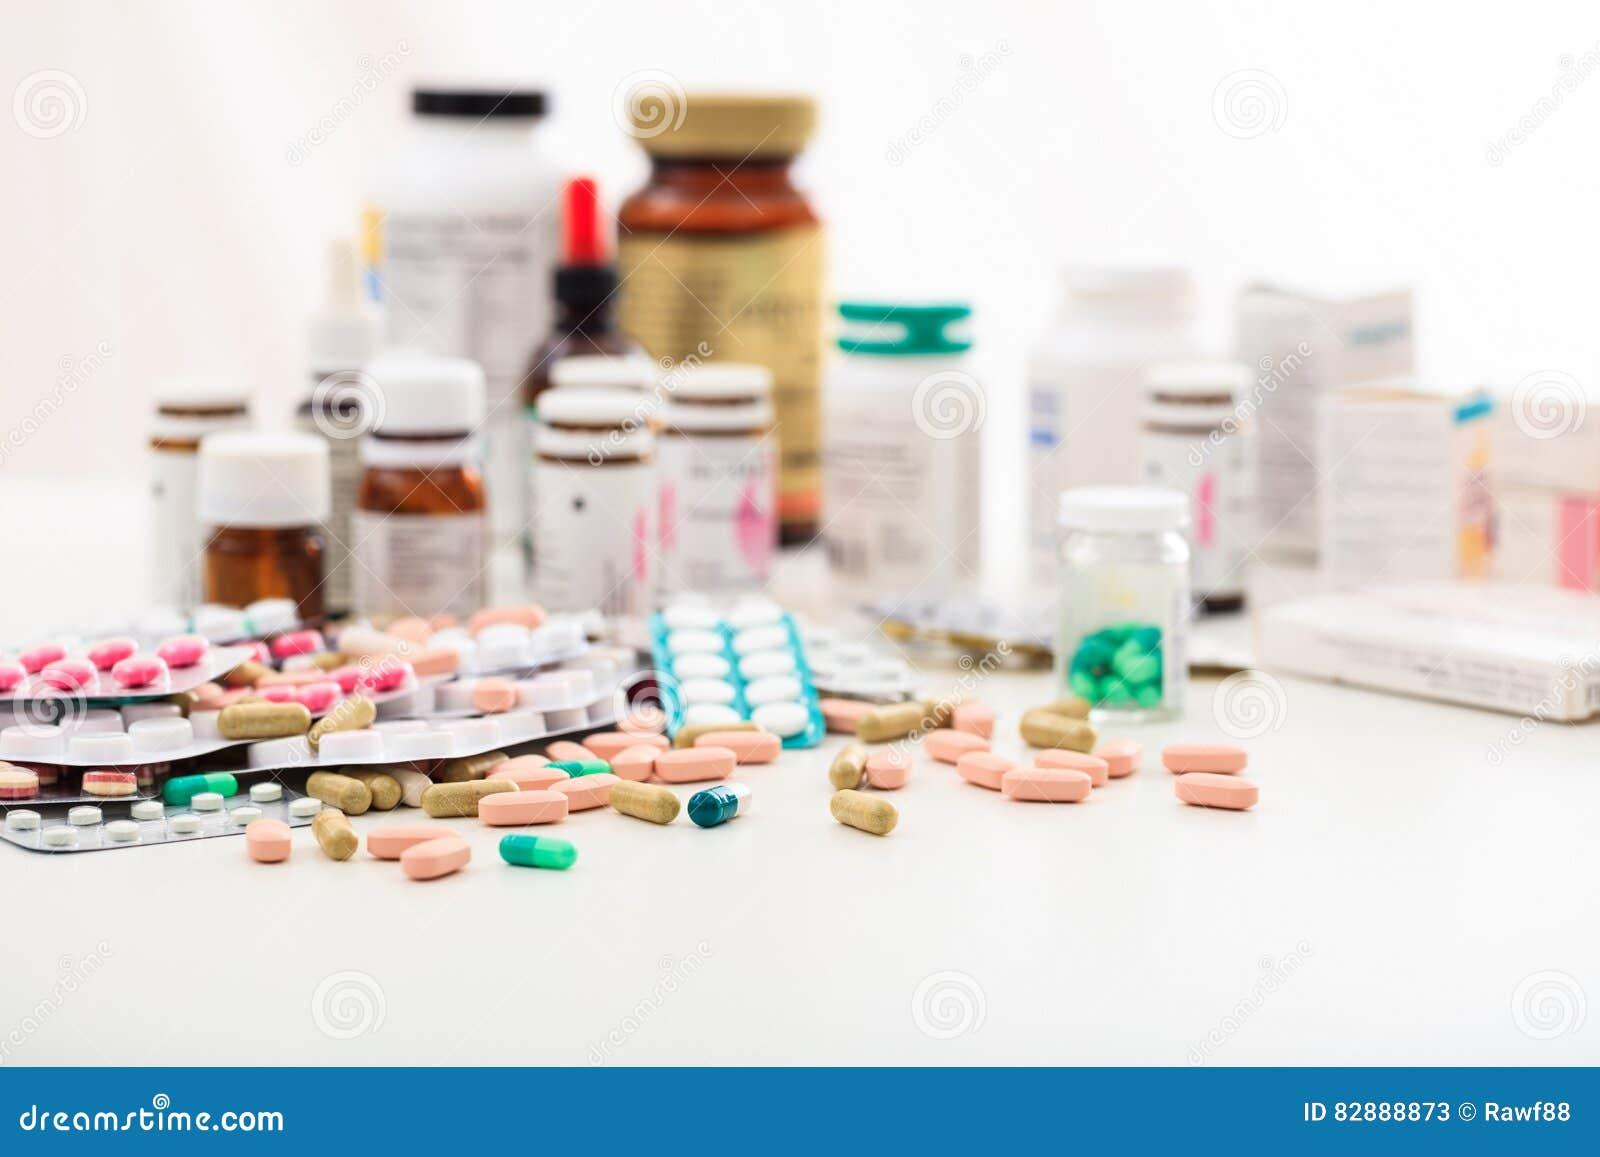 Pila de píldoras y de envases en el fondo blanco